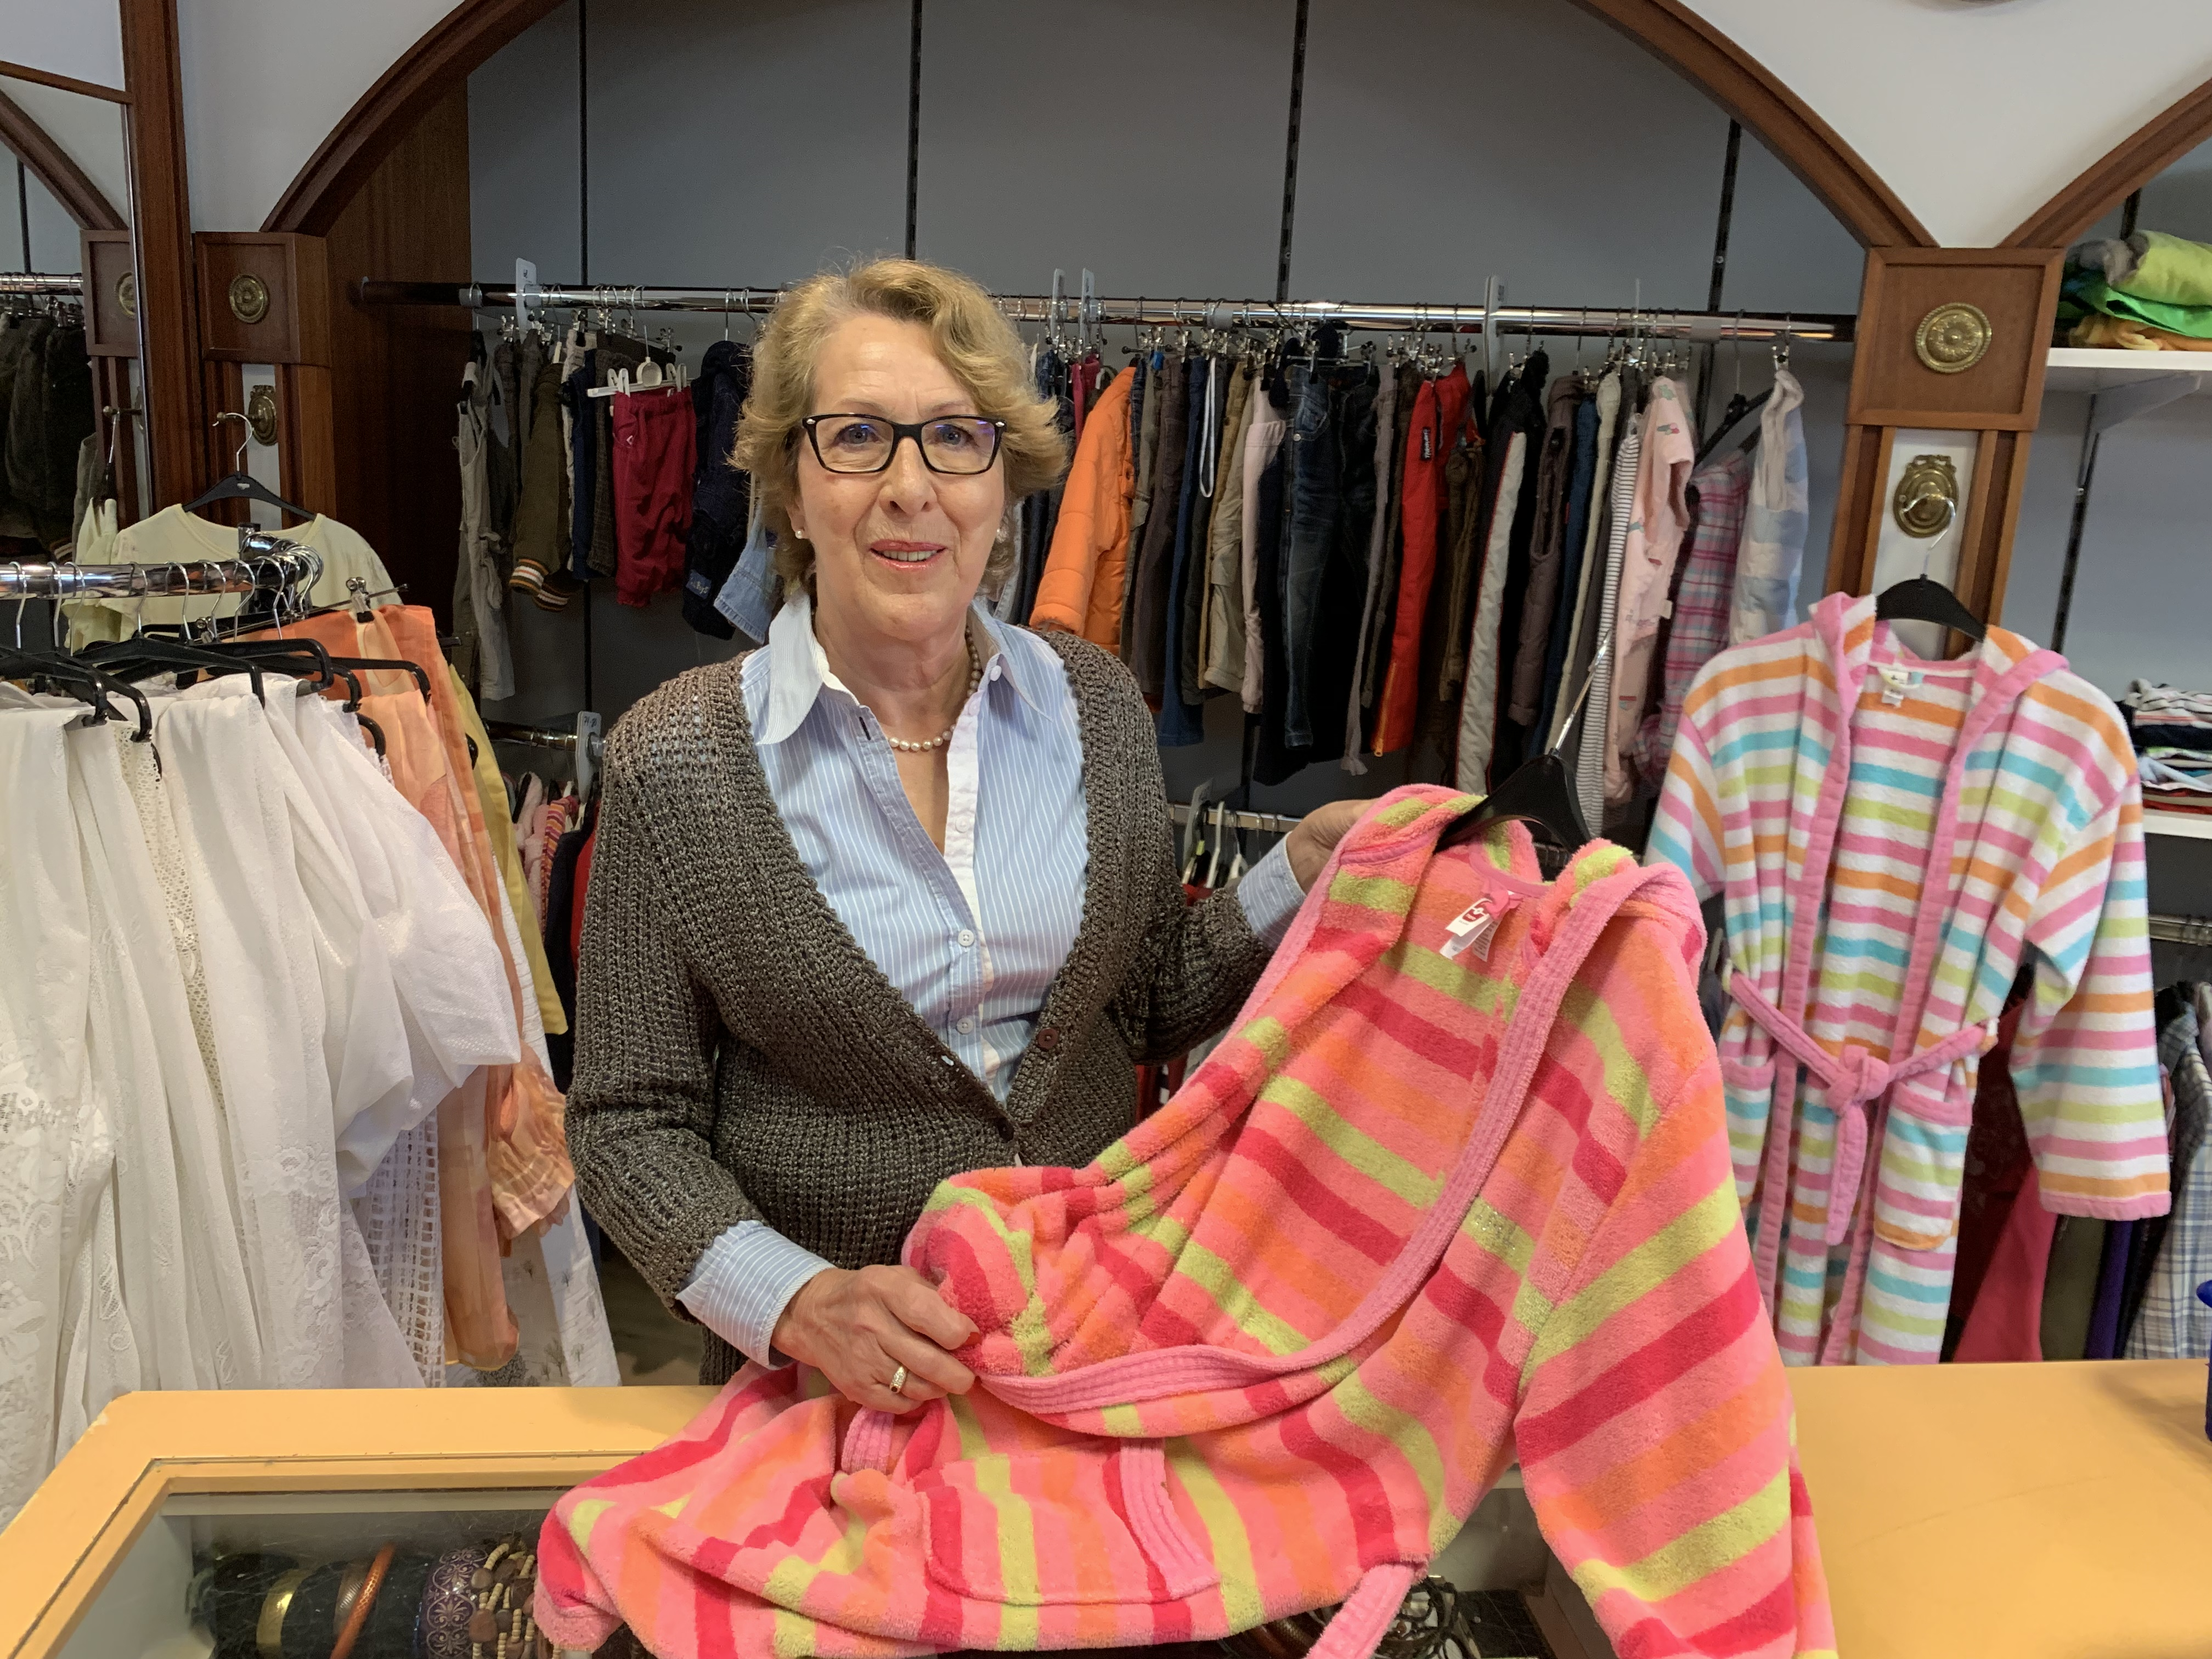 Die Leiterin des Rotkreuz-Shops in Dachau Sonja Grieser freut sich auf viel Kundschaft am 13. März.